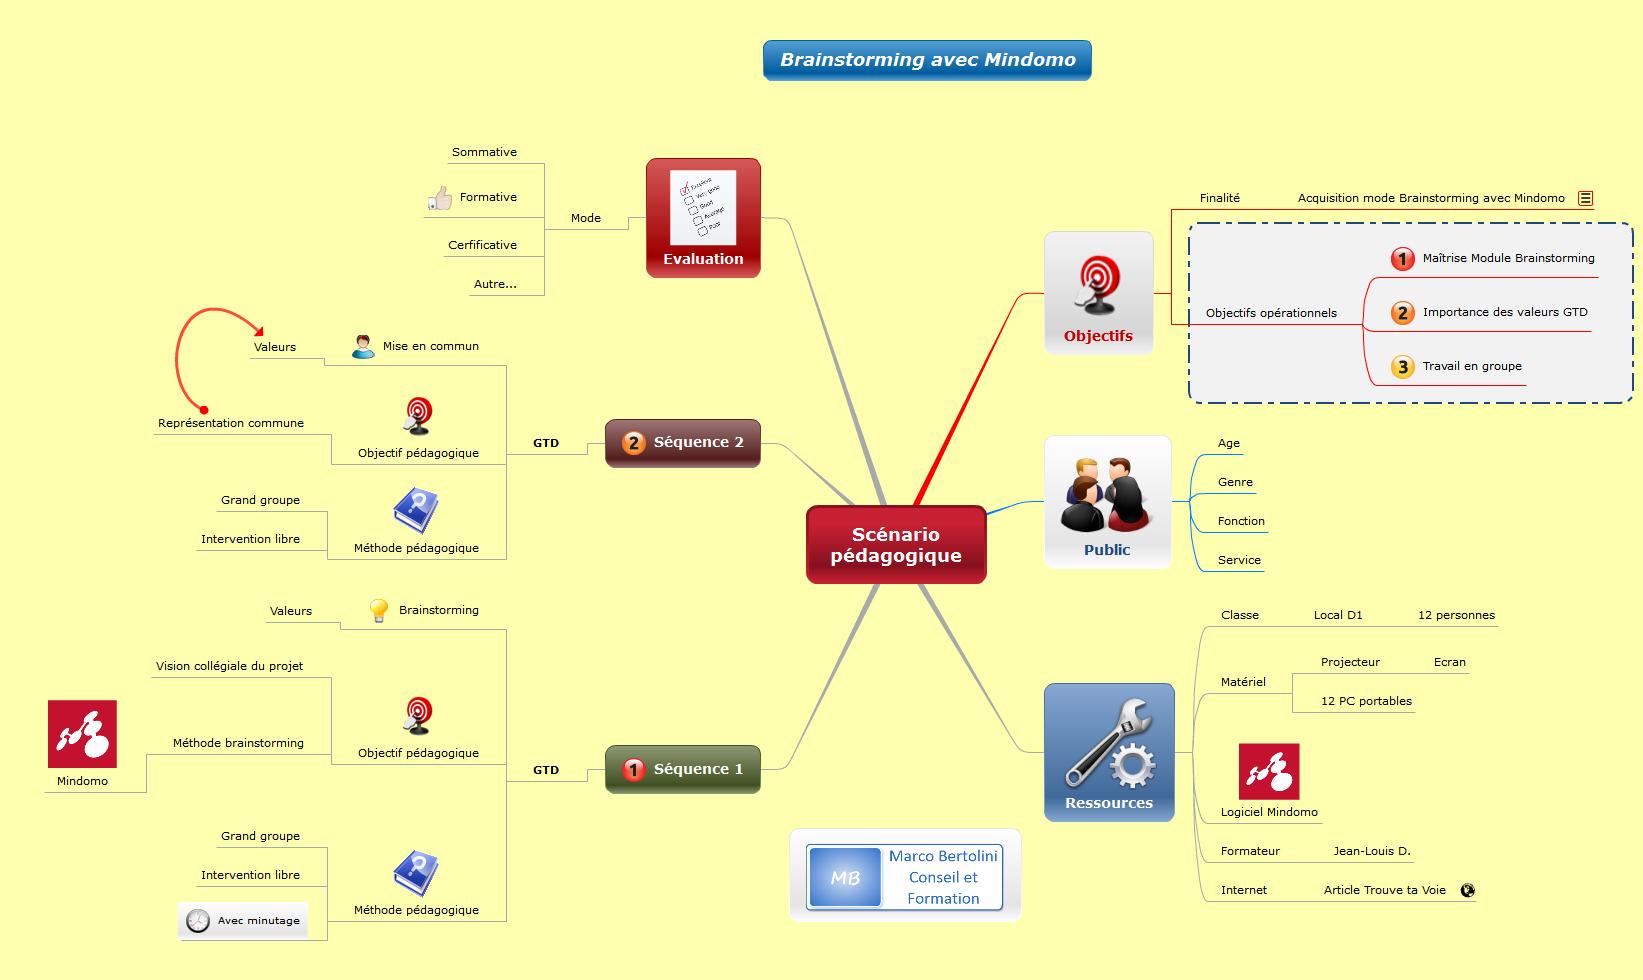 Carte mentale réalisée avec le logiciel de mindmapping Mindomo : comment concevoir un scénario pédagogique